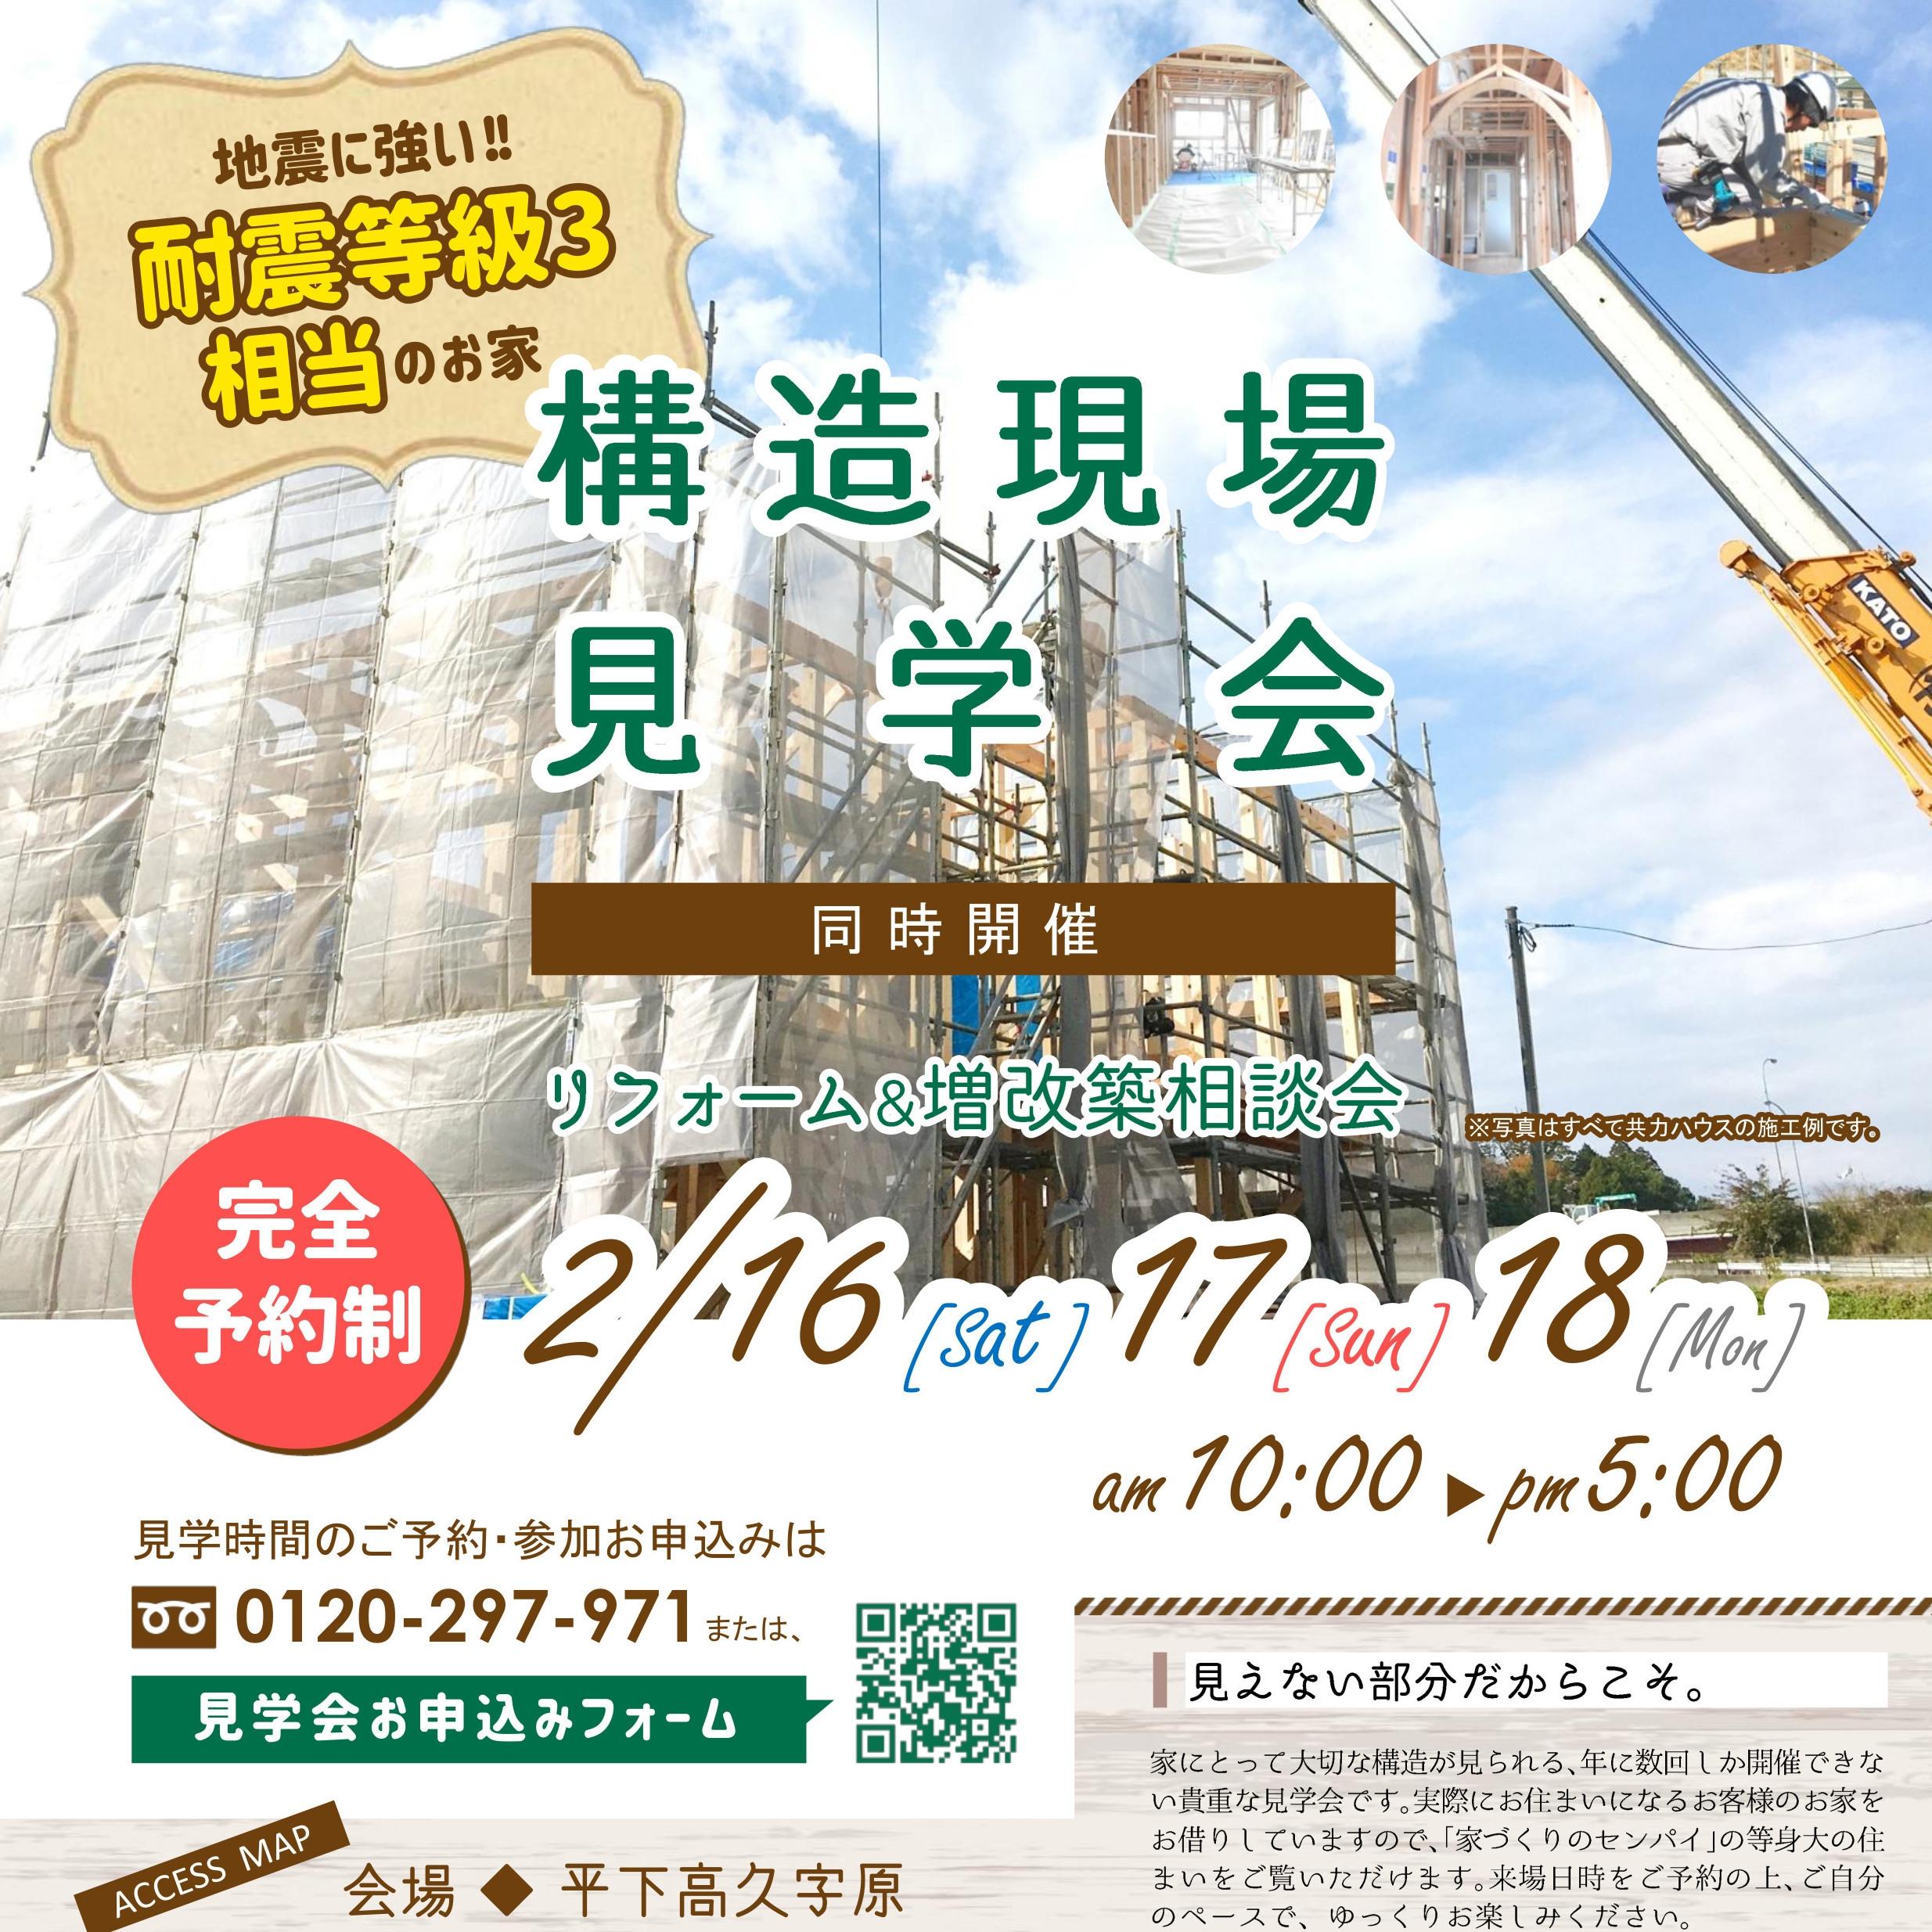 2/16(土)17(日)18日(月)平下高久/構造見学会開催!!